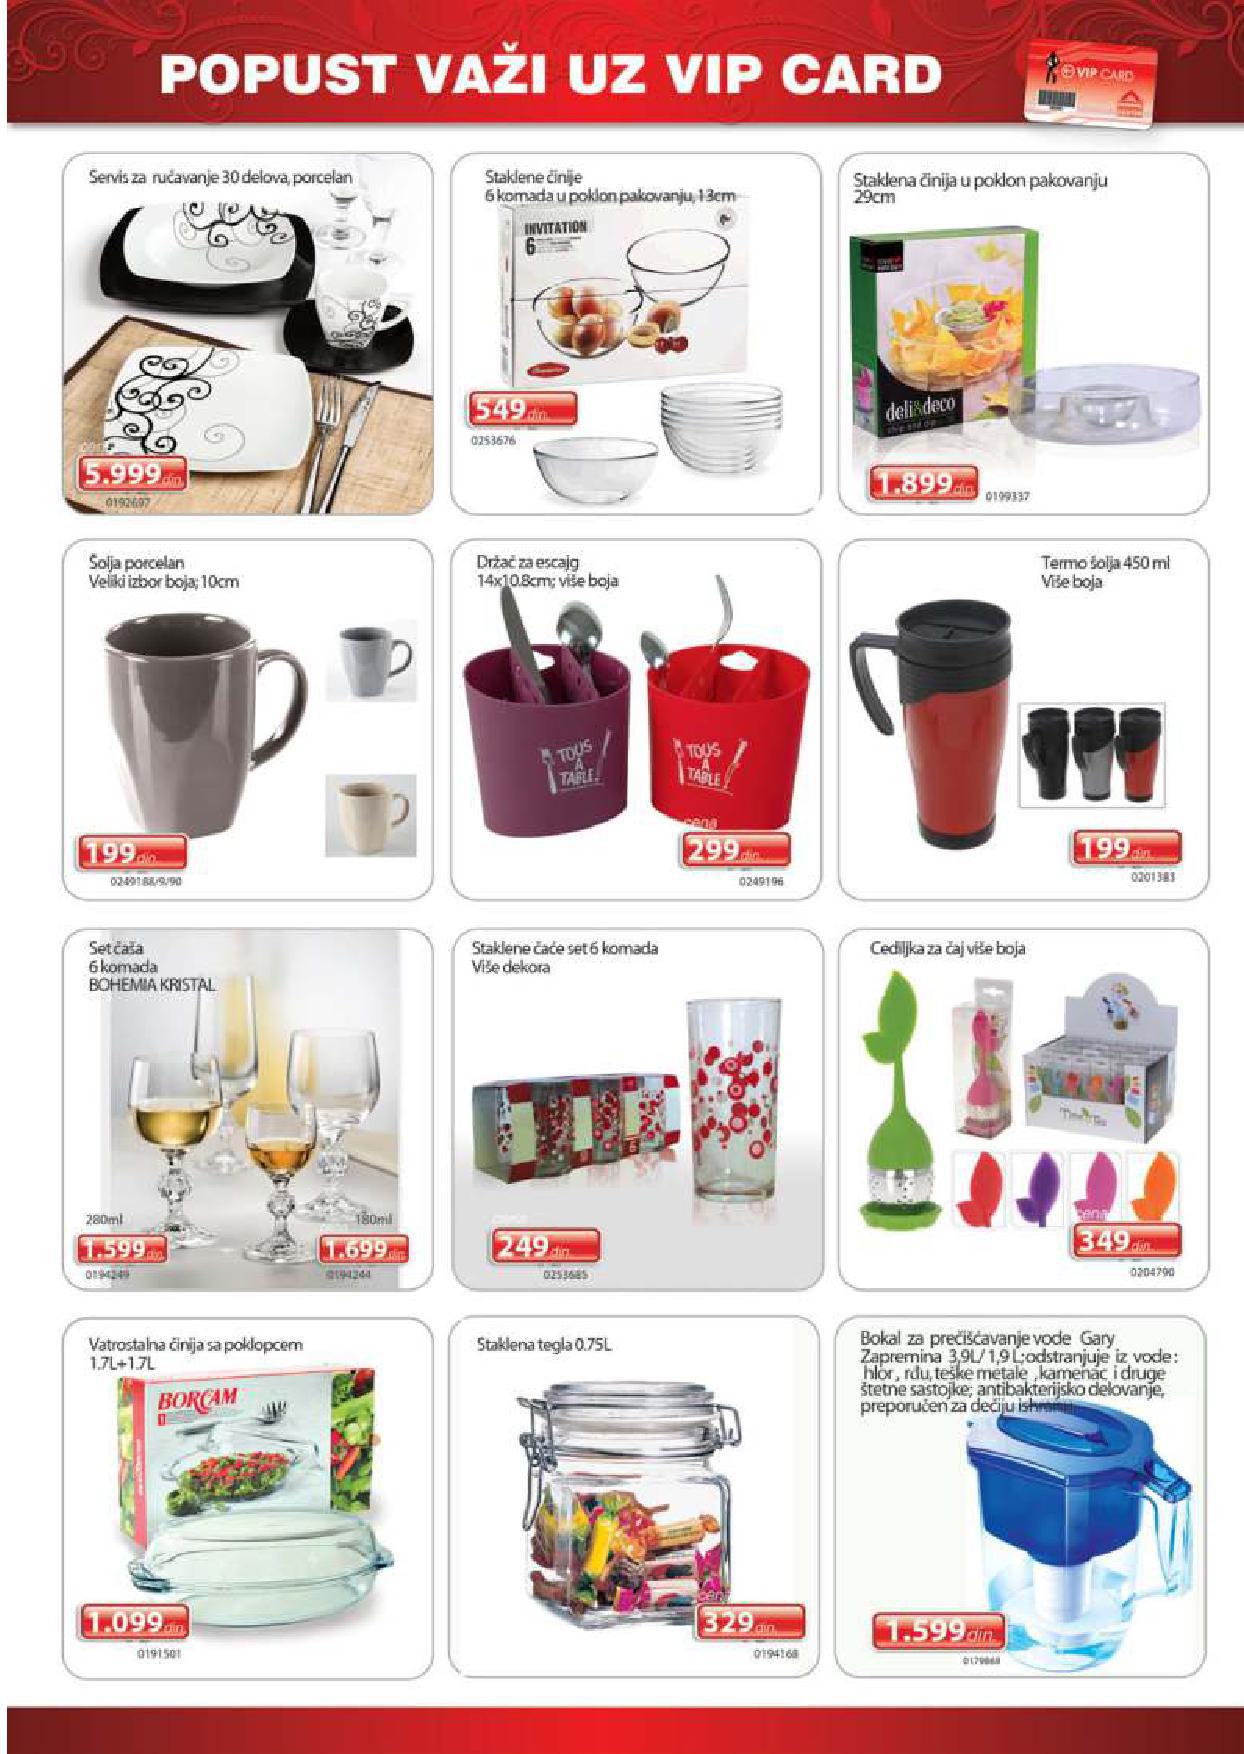 Home Centar katalog odlična ponuda